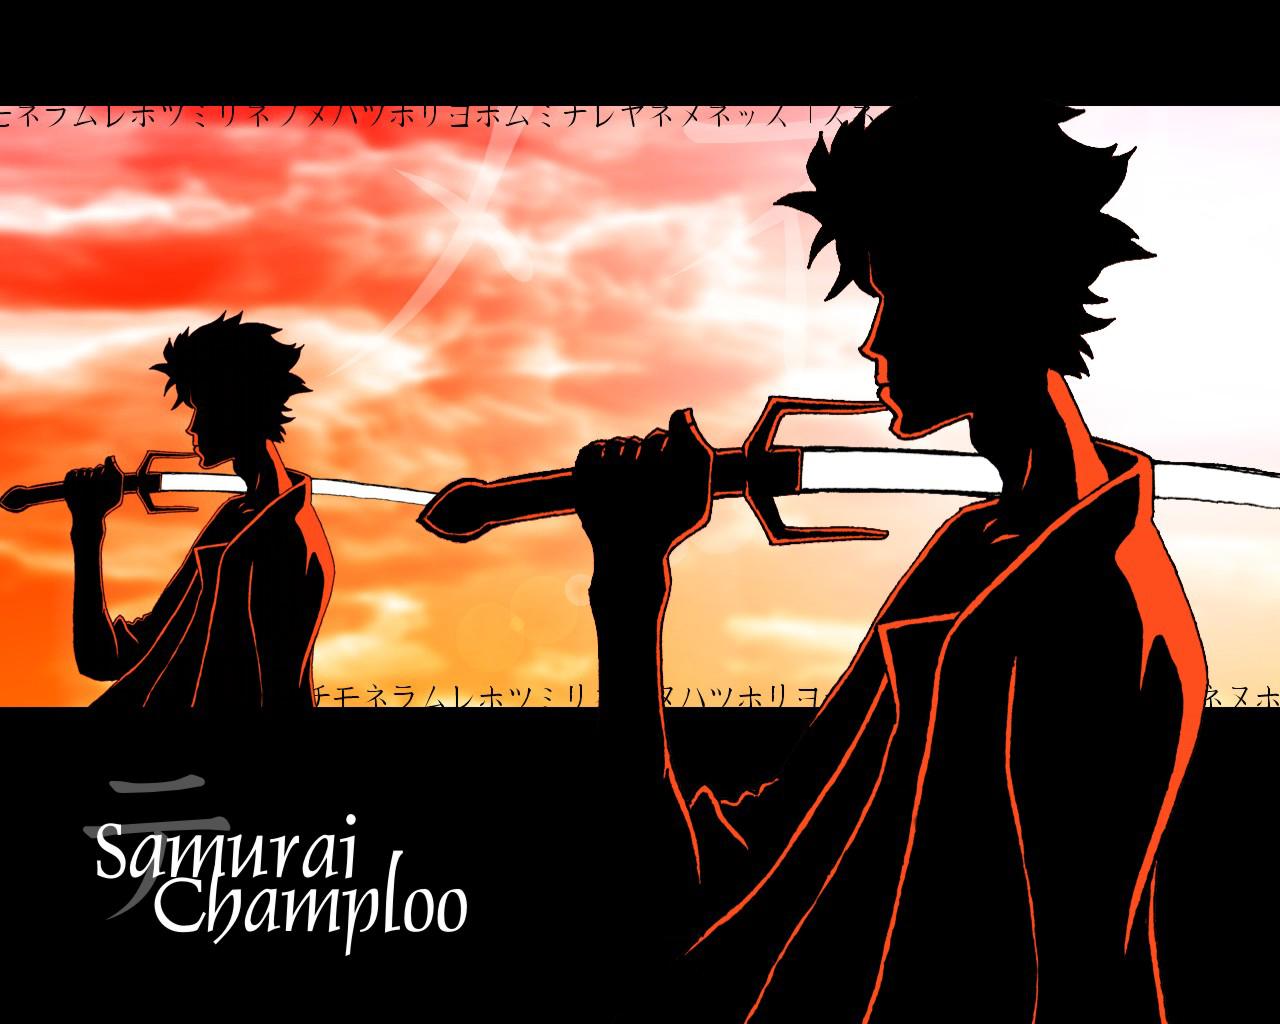 Samurai Champloo Wallp...